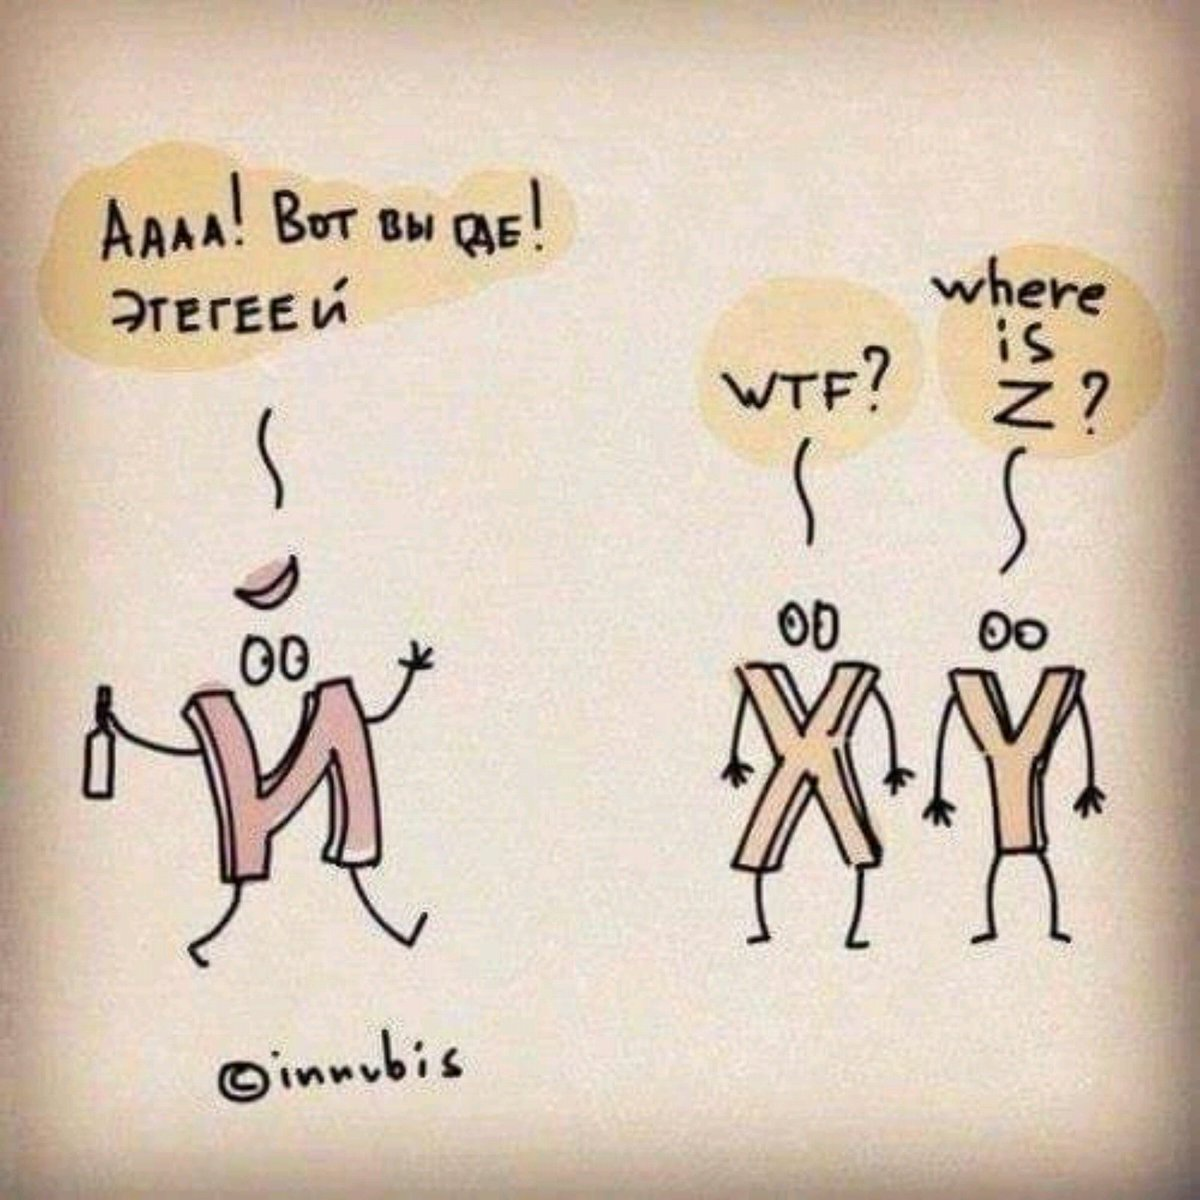 Никогда не устану смеяться с этой картинки :) https://t.co/1o0iUShvjb